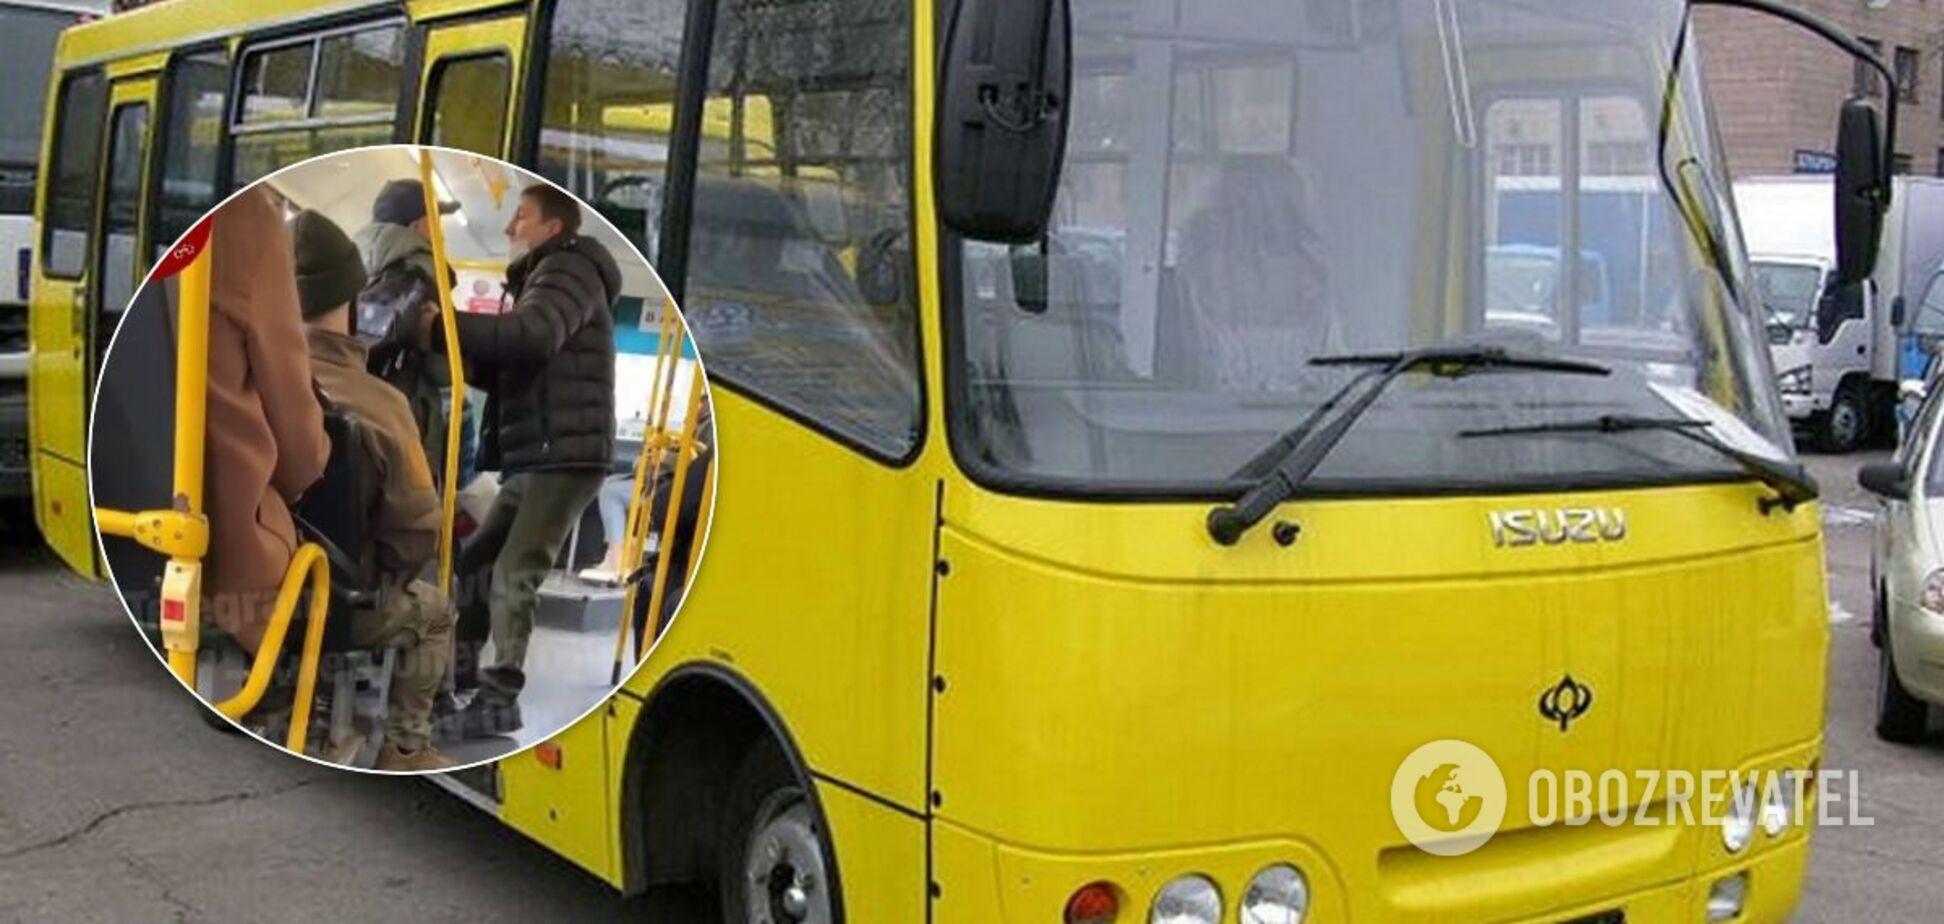 В киевской маршрутке произошел конфликт между пассажиром и водителем